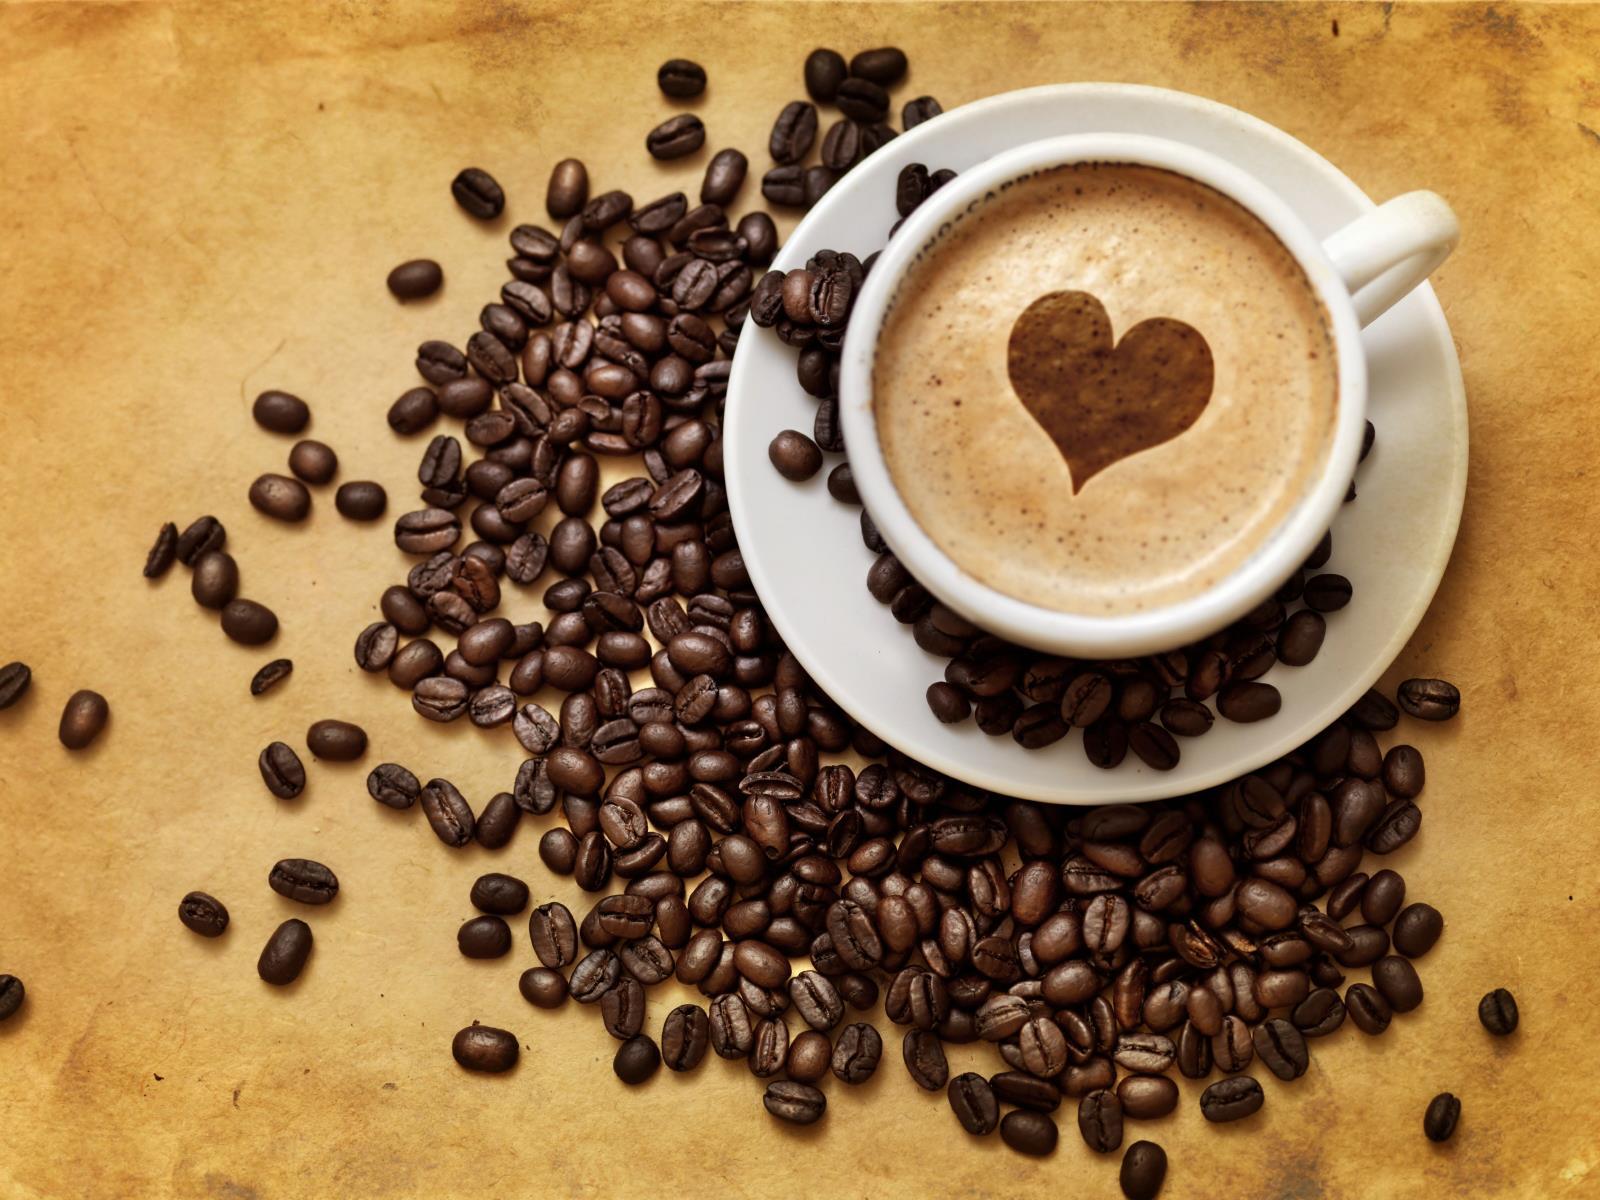 Tomar 3 a 5 chávenas de café por dia previne a depressão